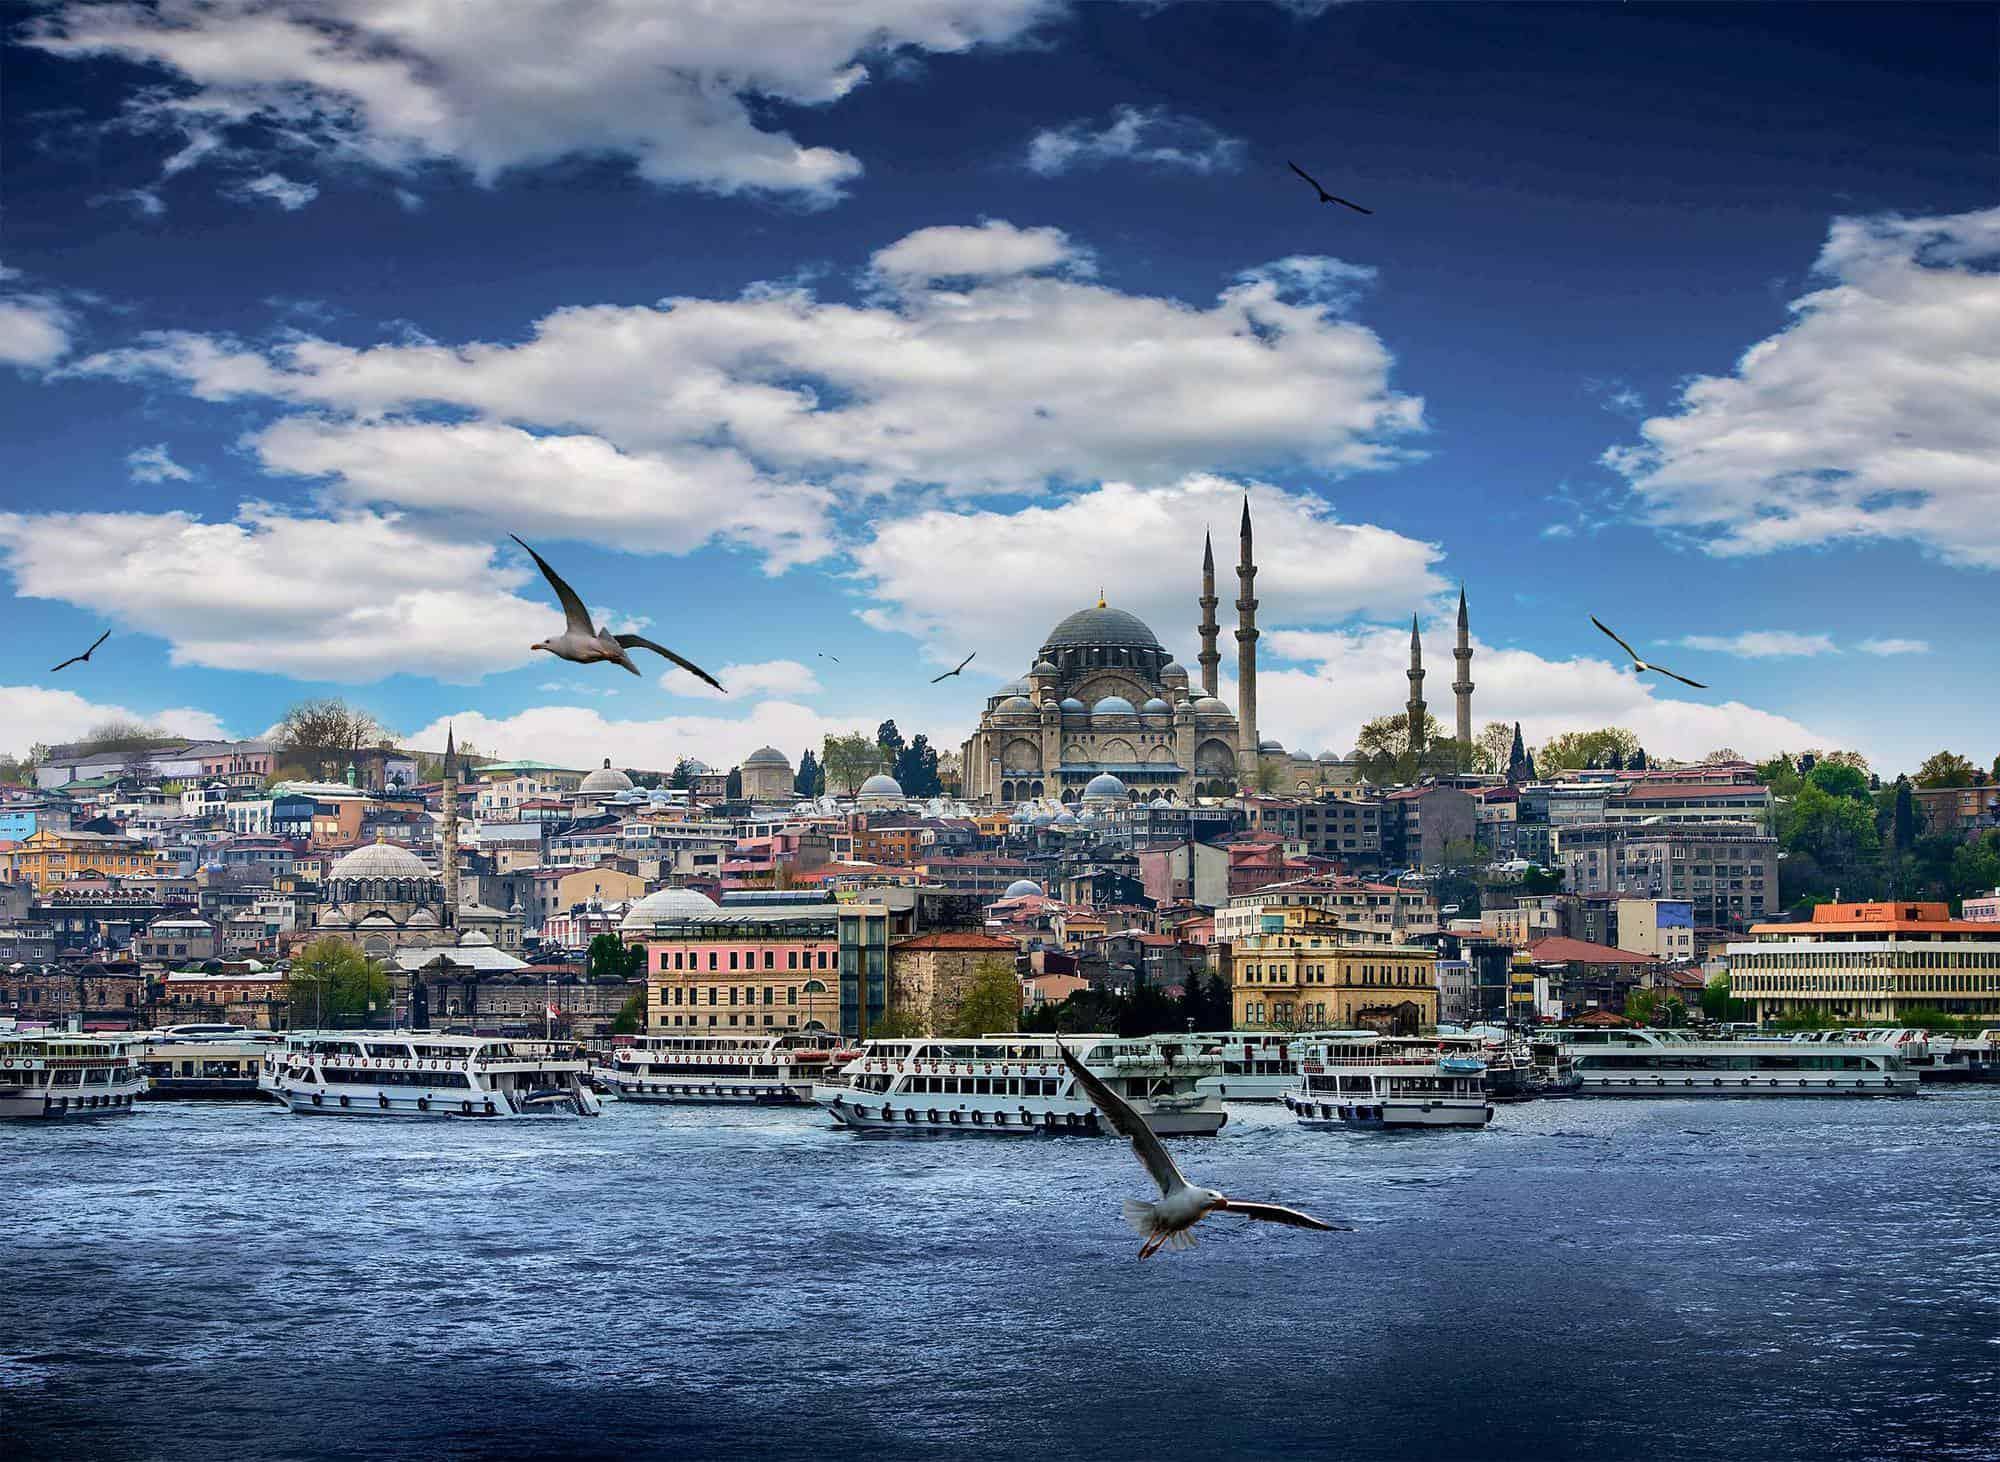 الأماكن السياحية في تركيا إسطنبول